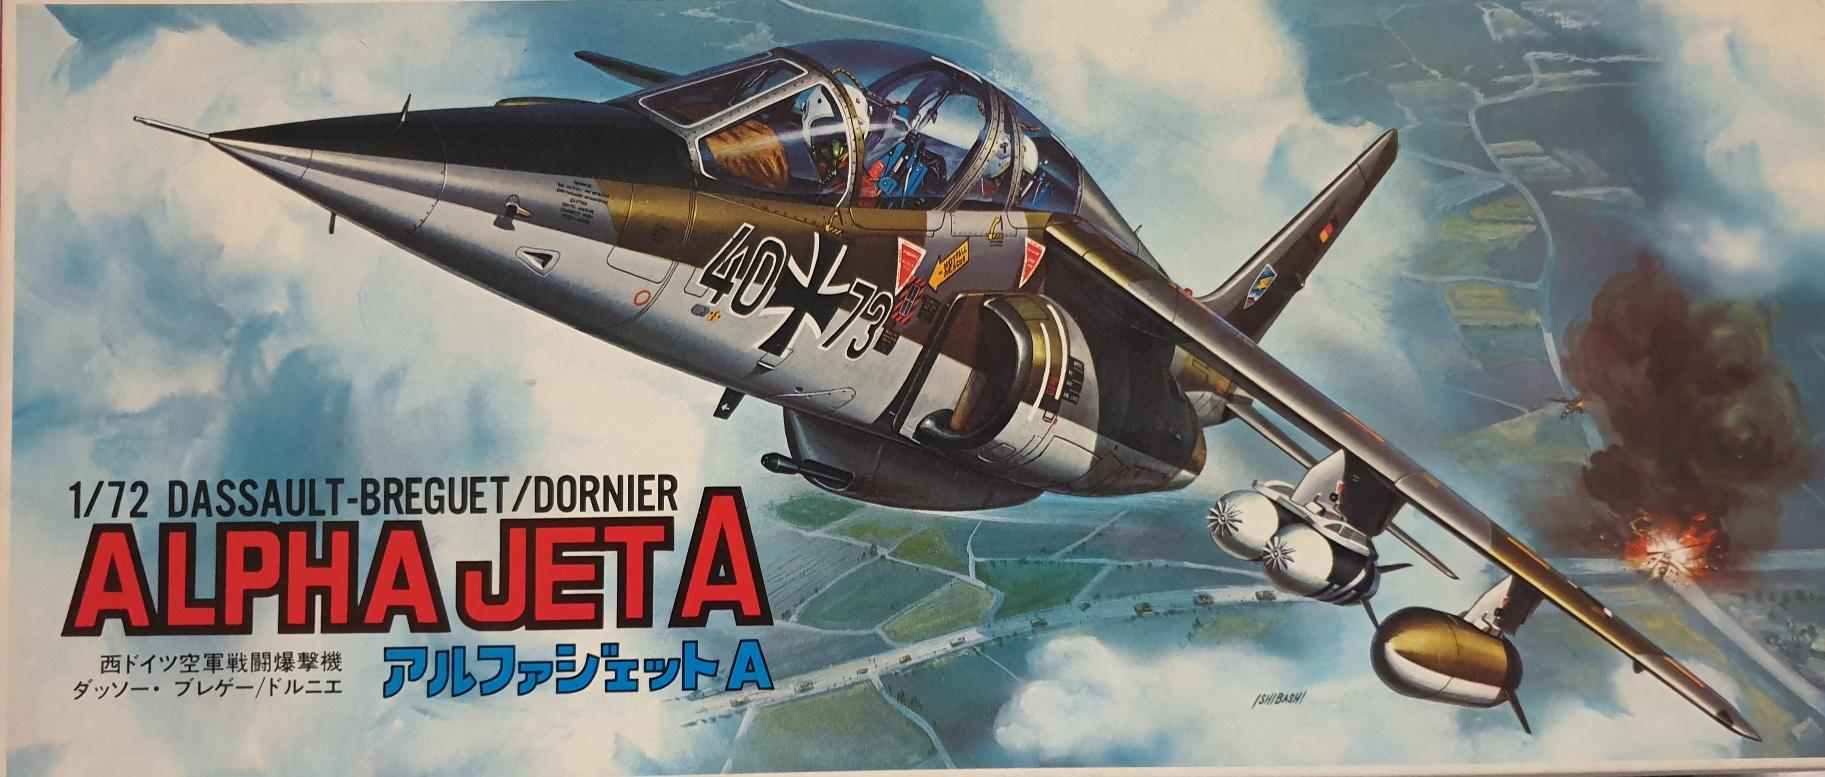 4 Fujimi 5992 Alpha Jet A